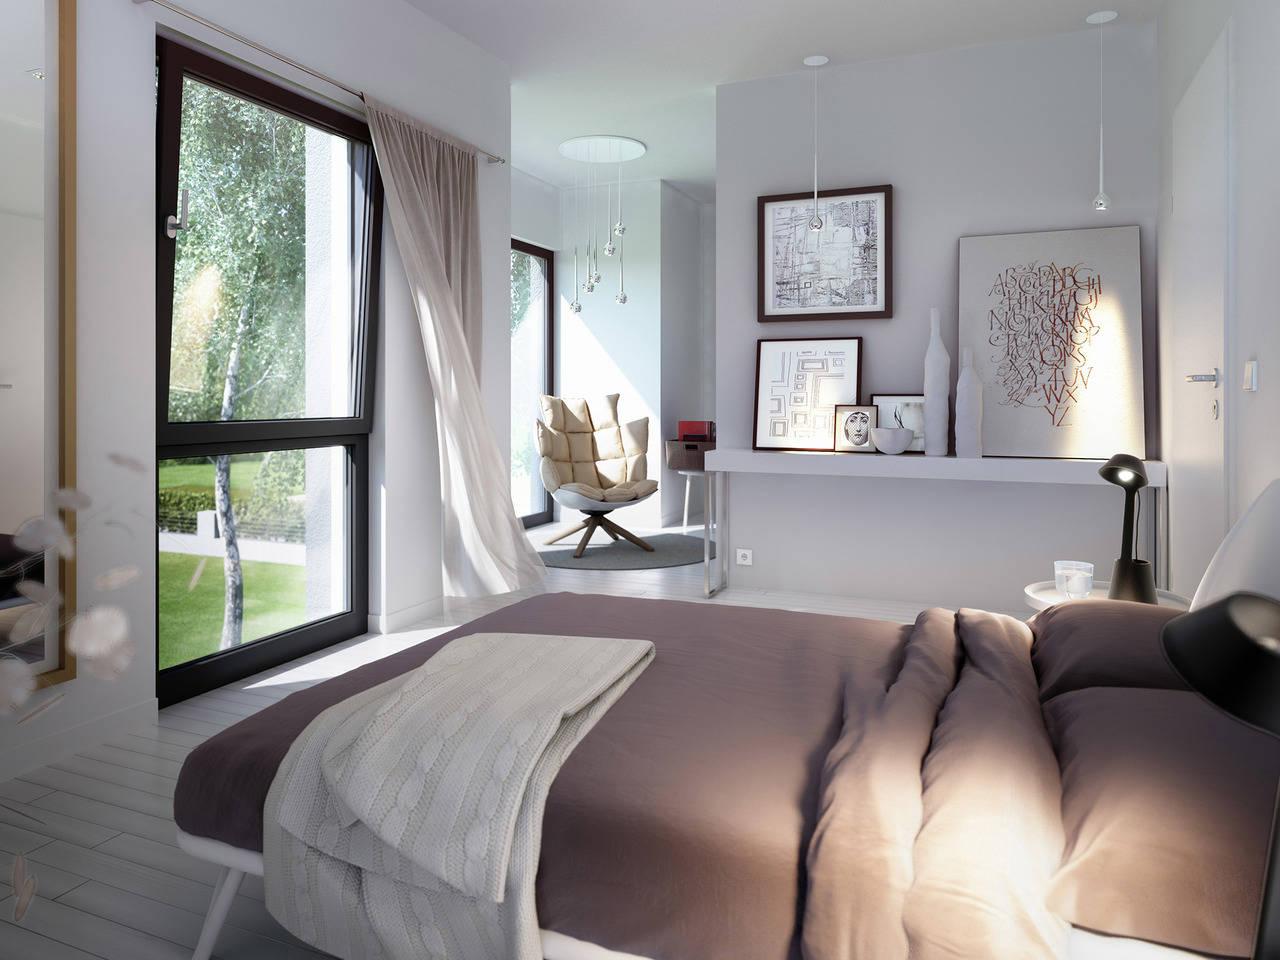 Haus Solution 106 V2 Schlafzimmer von Living Haus